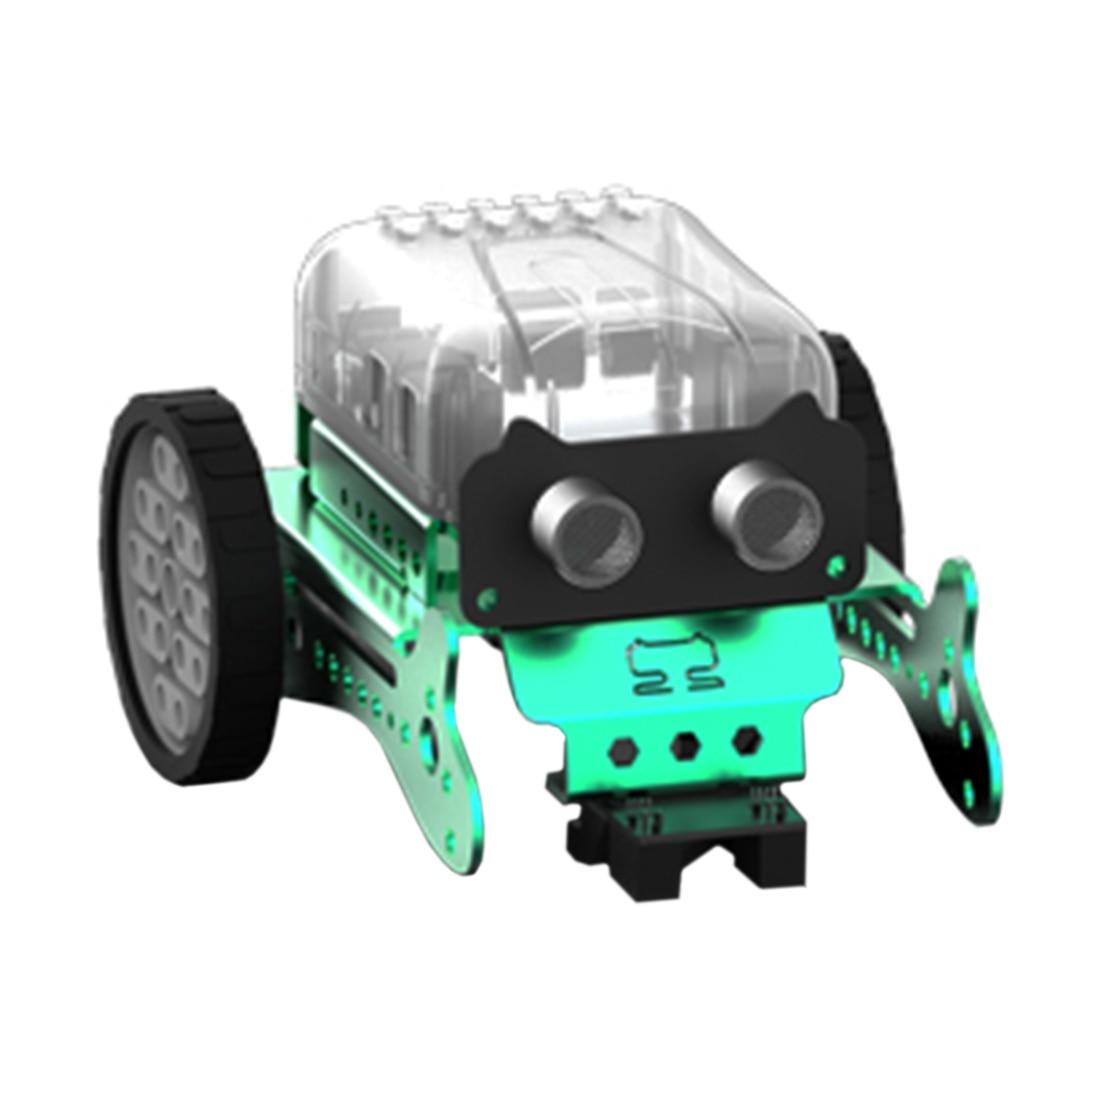 Surwish DIY Neo Программирование царапин Интеллектуальный избегание препятствий автомобиля Робот комплект-красный/зеленый - Цвет: green